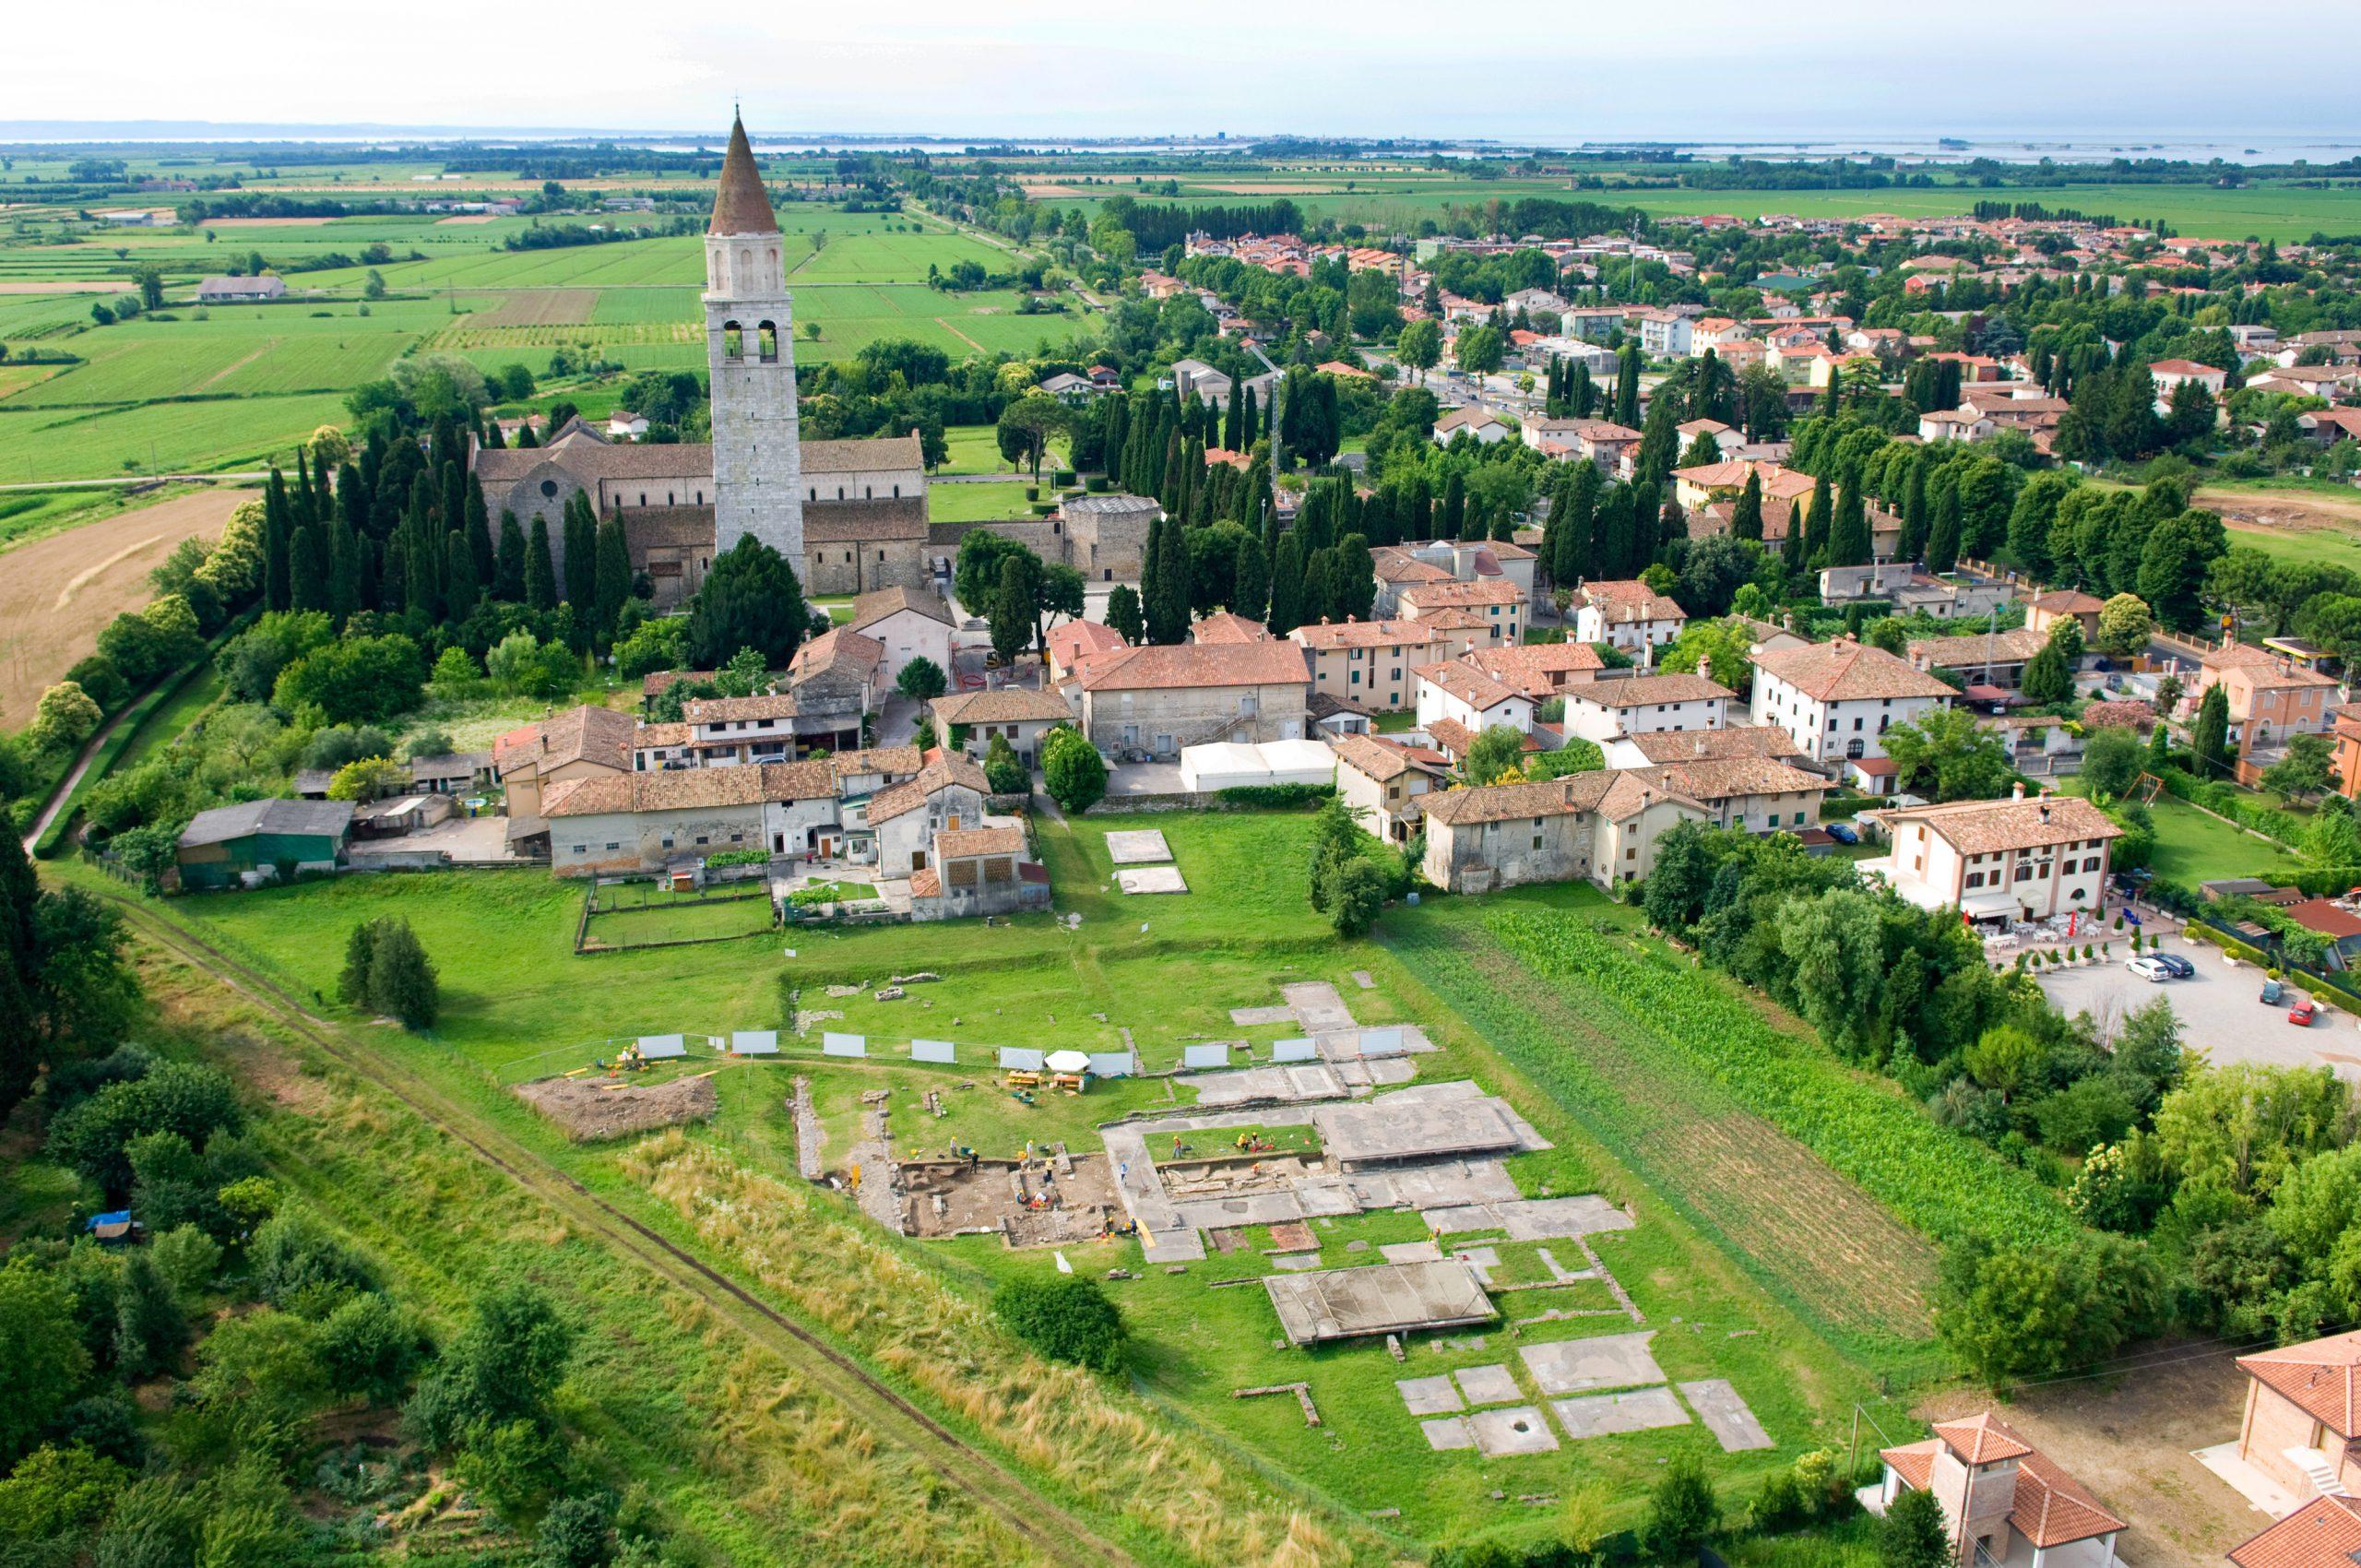 """Radfahren und Kultur kombiniert - die Spuren der Römer in Aquileia, dem """"zweiten Rom"""" besichtigen"""